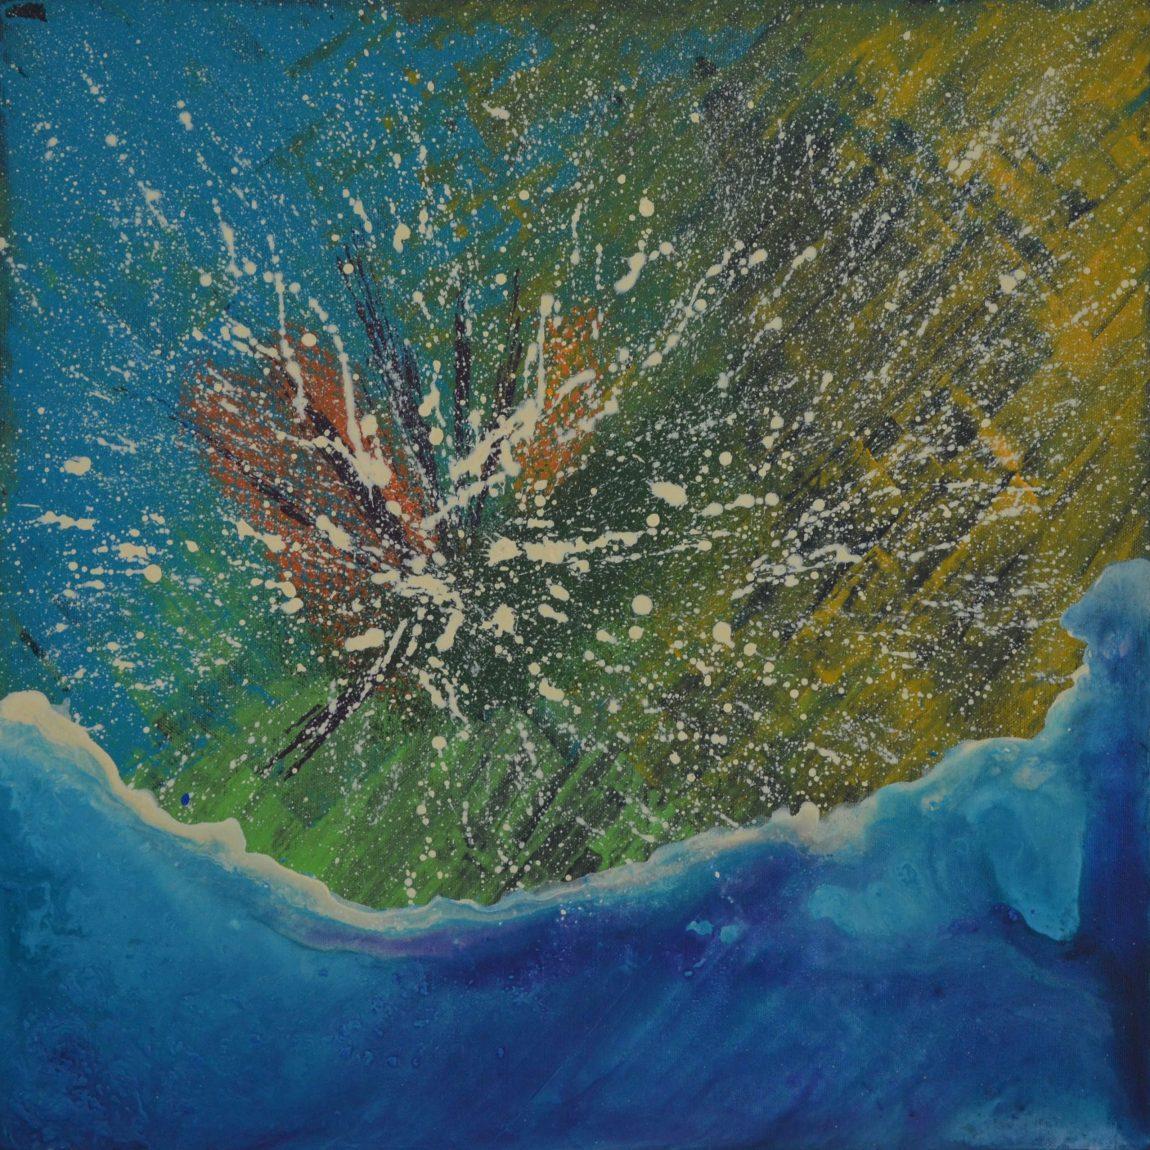 Şeyma Nur Irmak - Teknik: Tuval Üzeri Akrilik Ölçü: 50 x 50 cm Fiyat : 7.700 TL